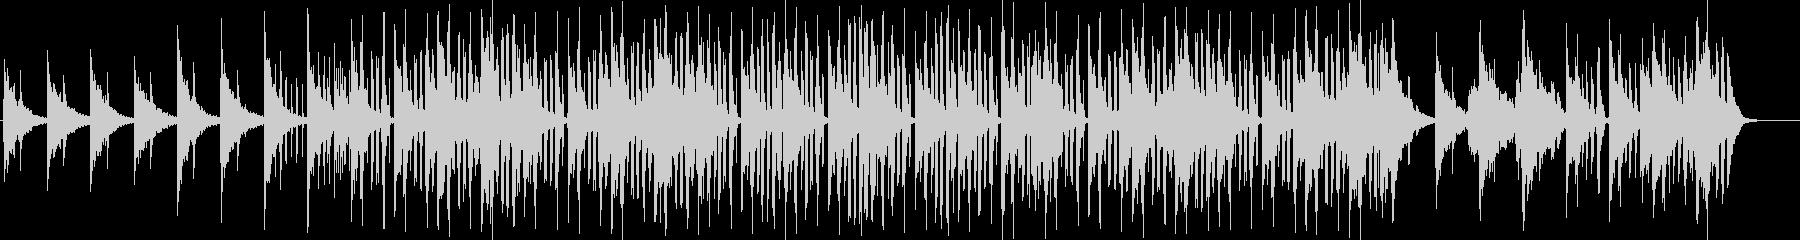 ノリタルジーなメロディーのR&Bの未再生の波形